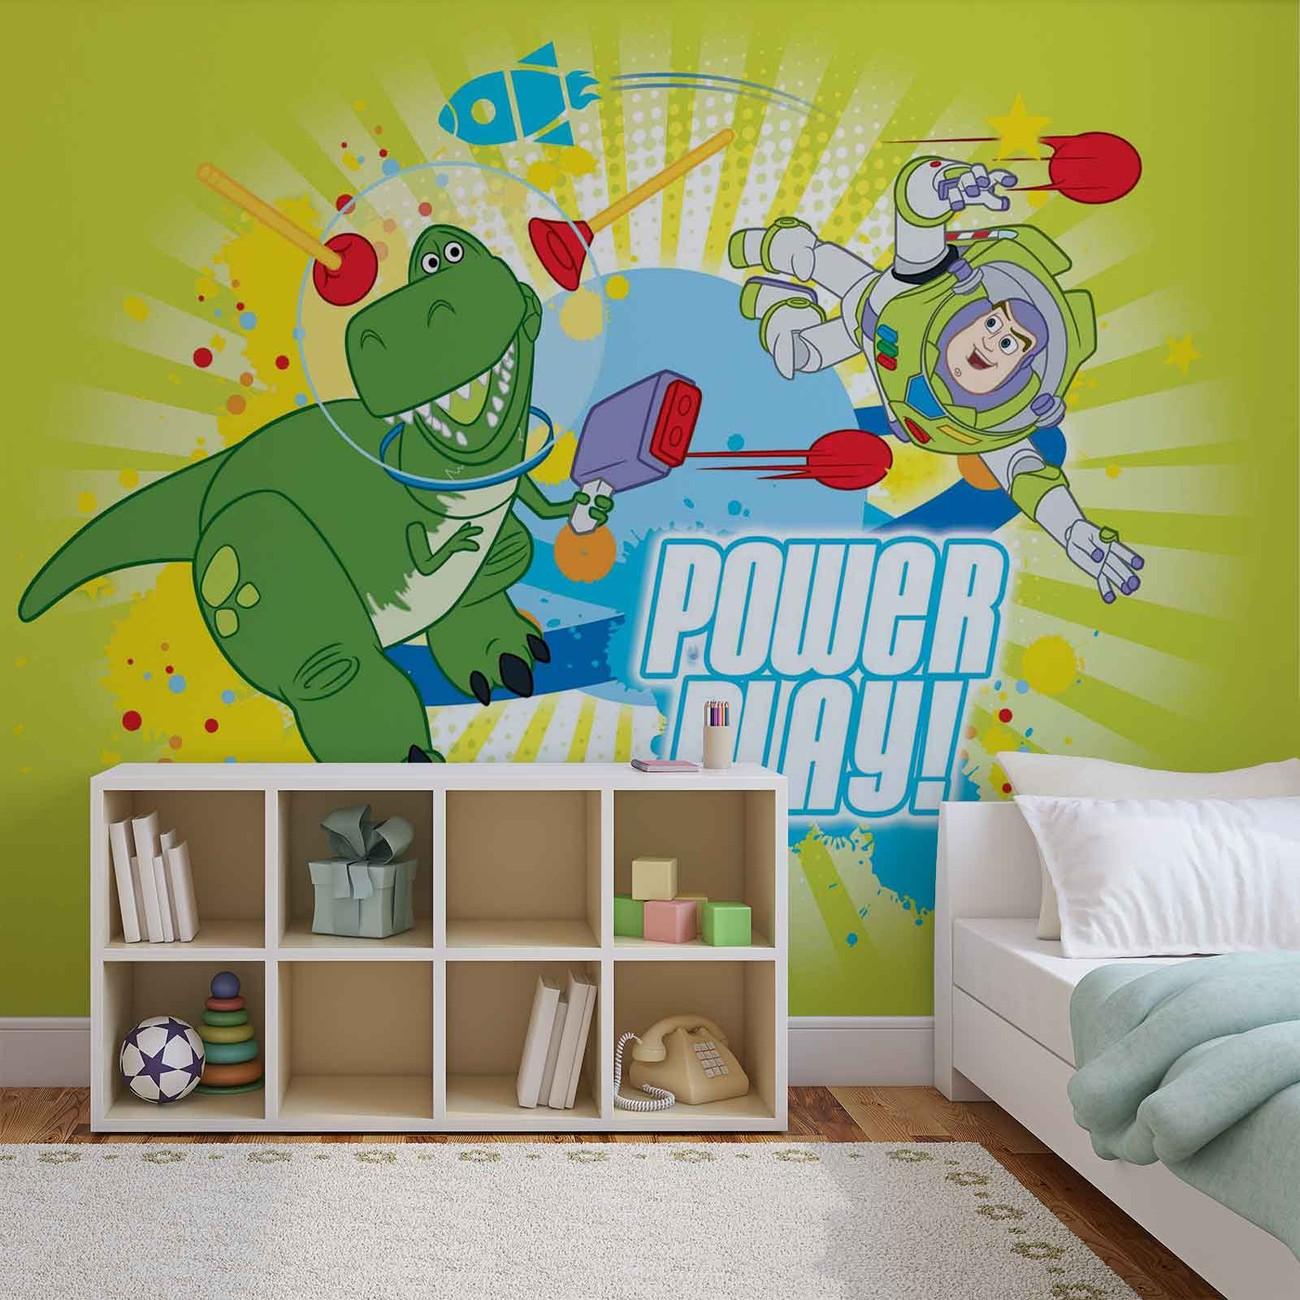 toy story disney poster mural papier peint acheter le sur. Black Bedroom Furniture Sets. Home Design Ideas